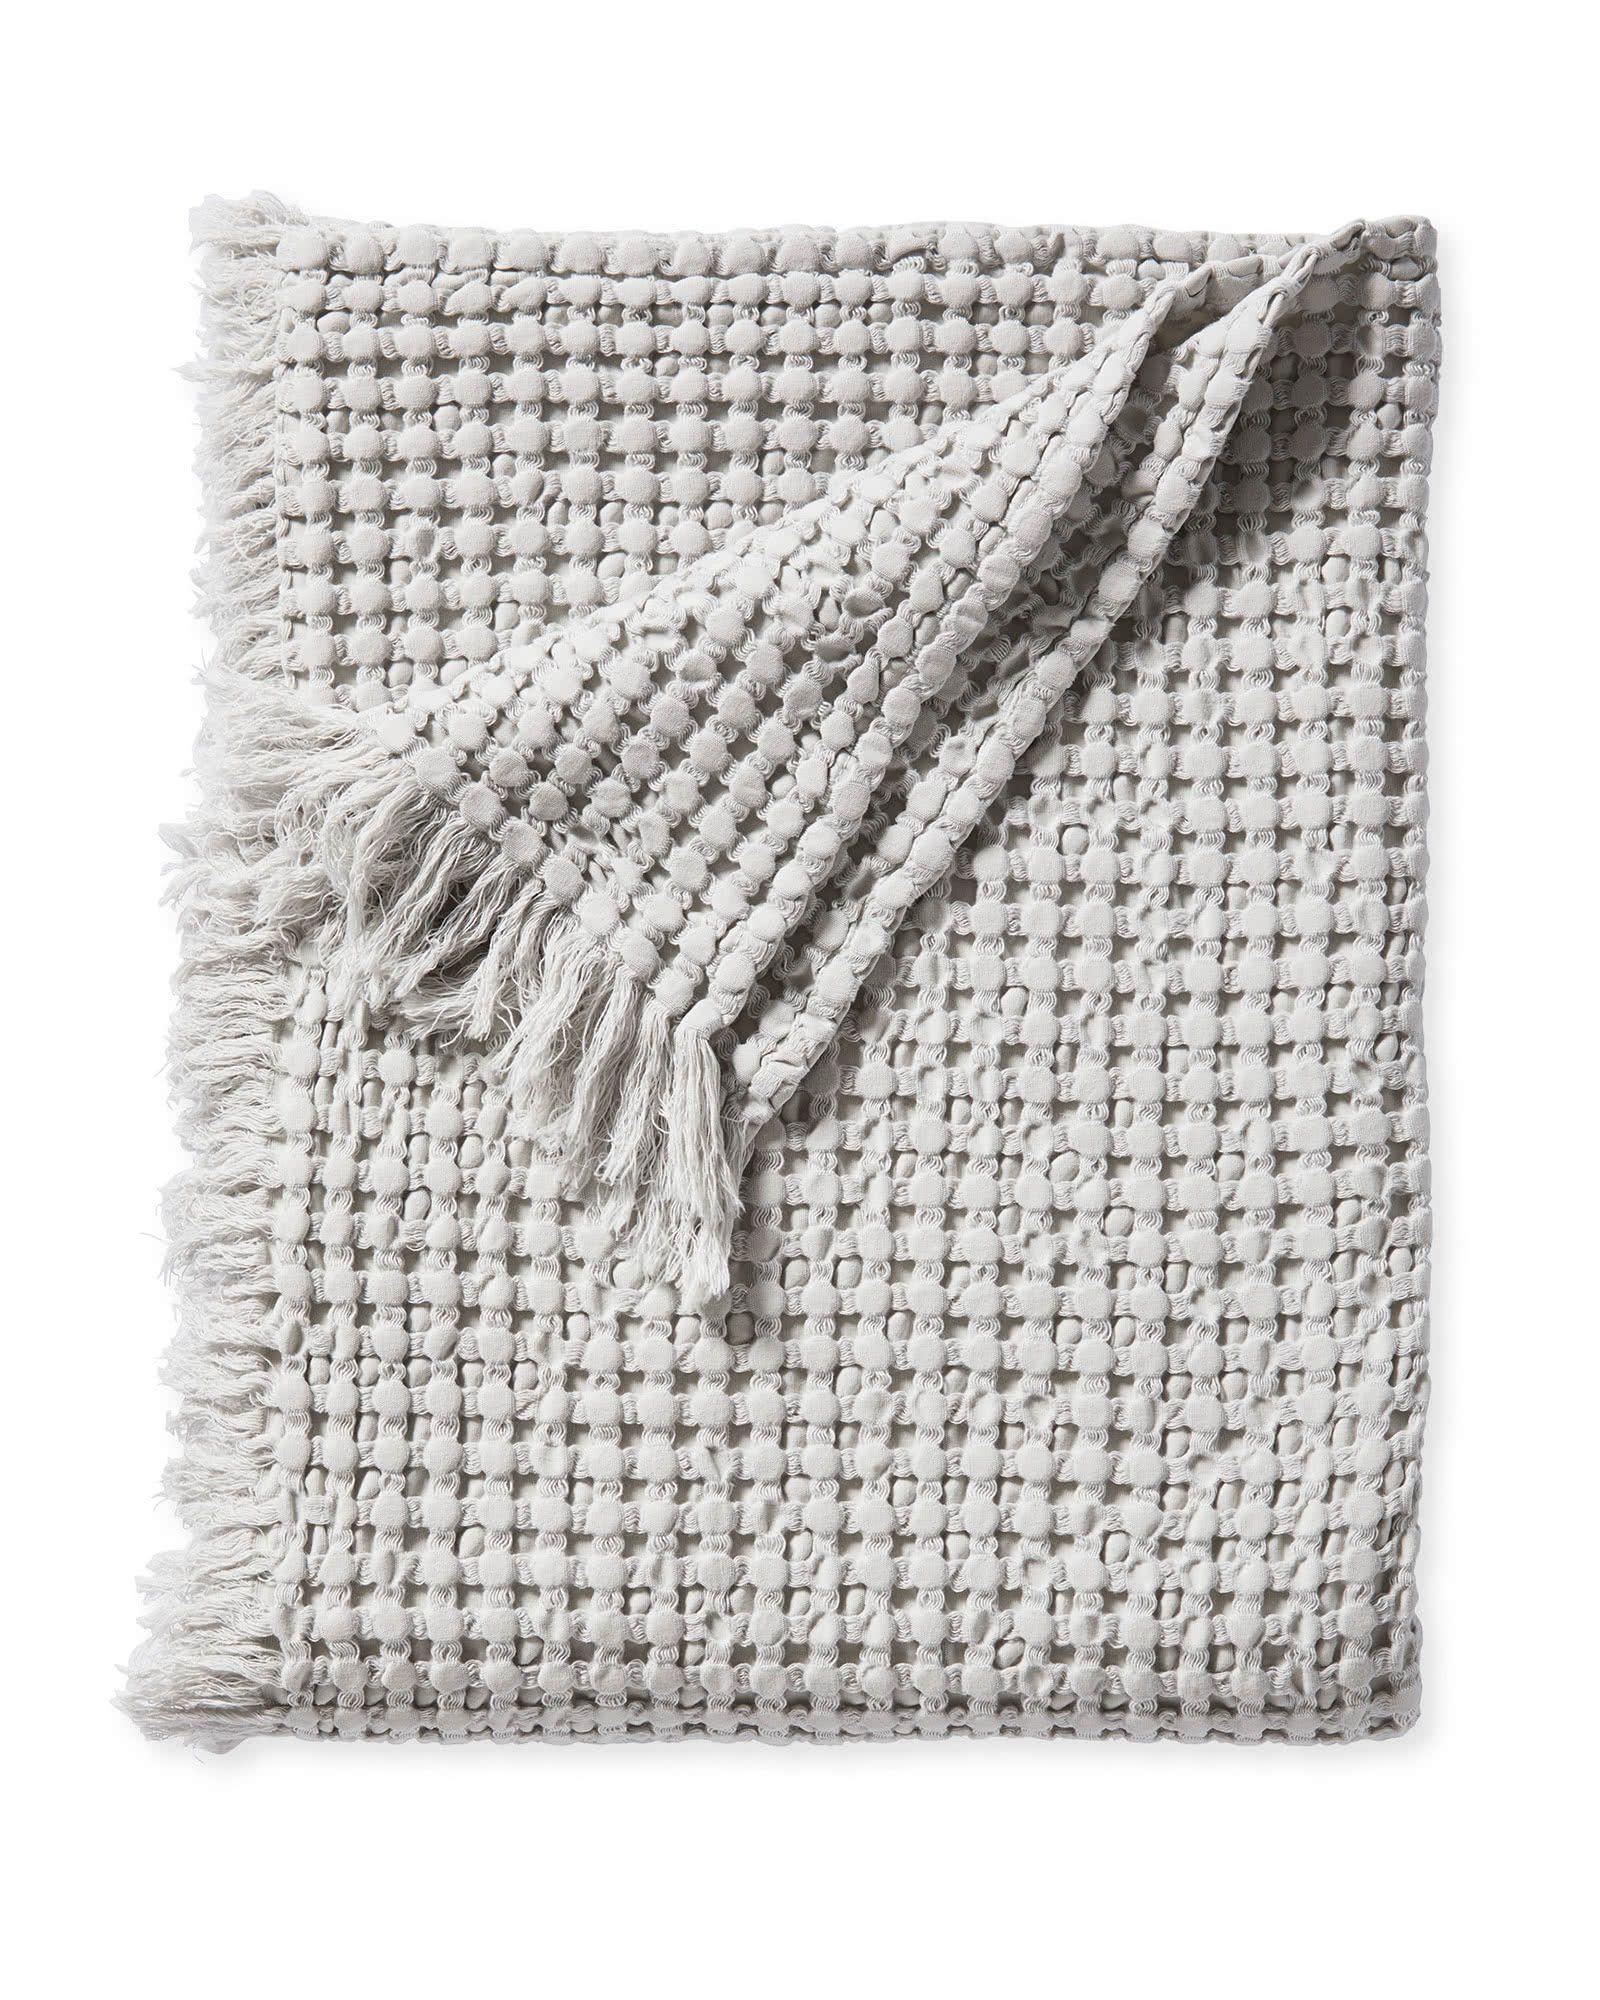 Serena Lily Beachcomber Cotton Throw Cotton Throws Luxury Throws Bed Throws